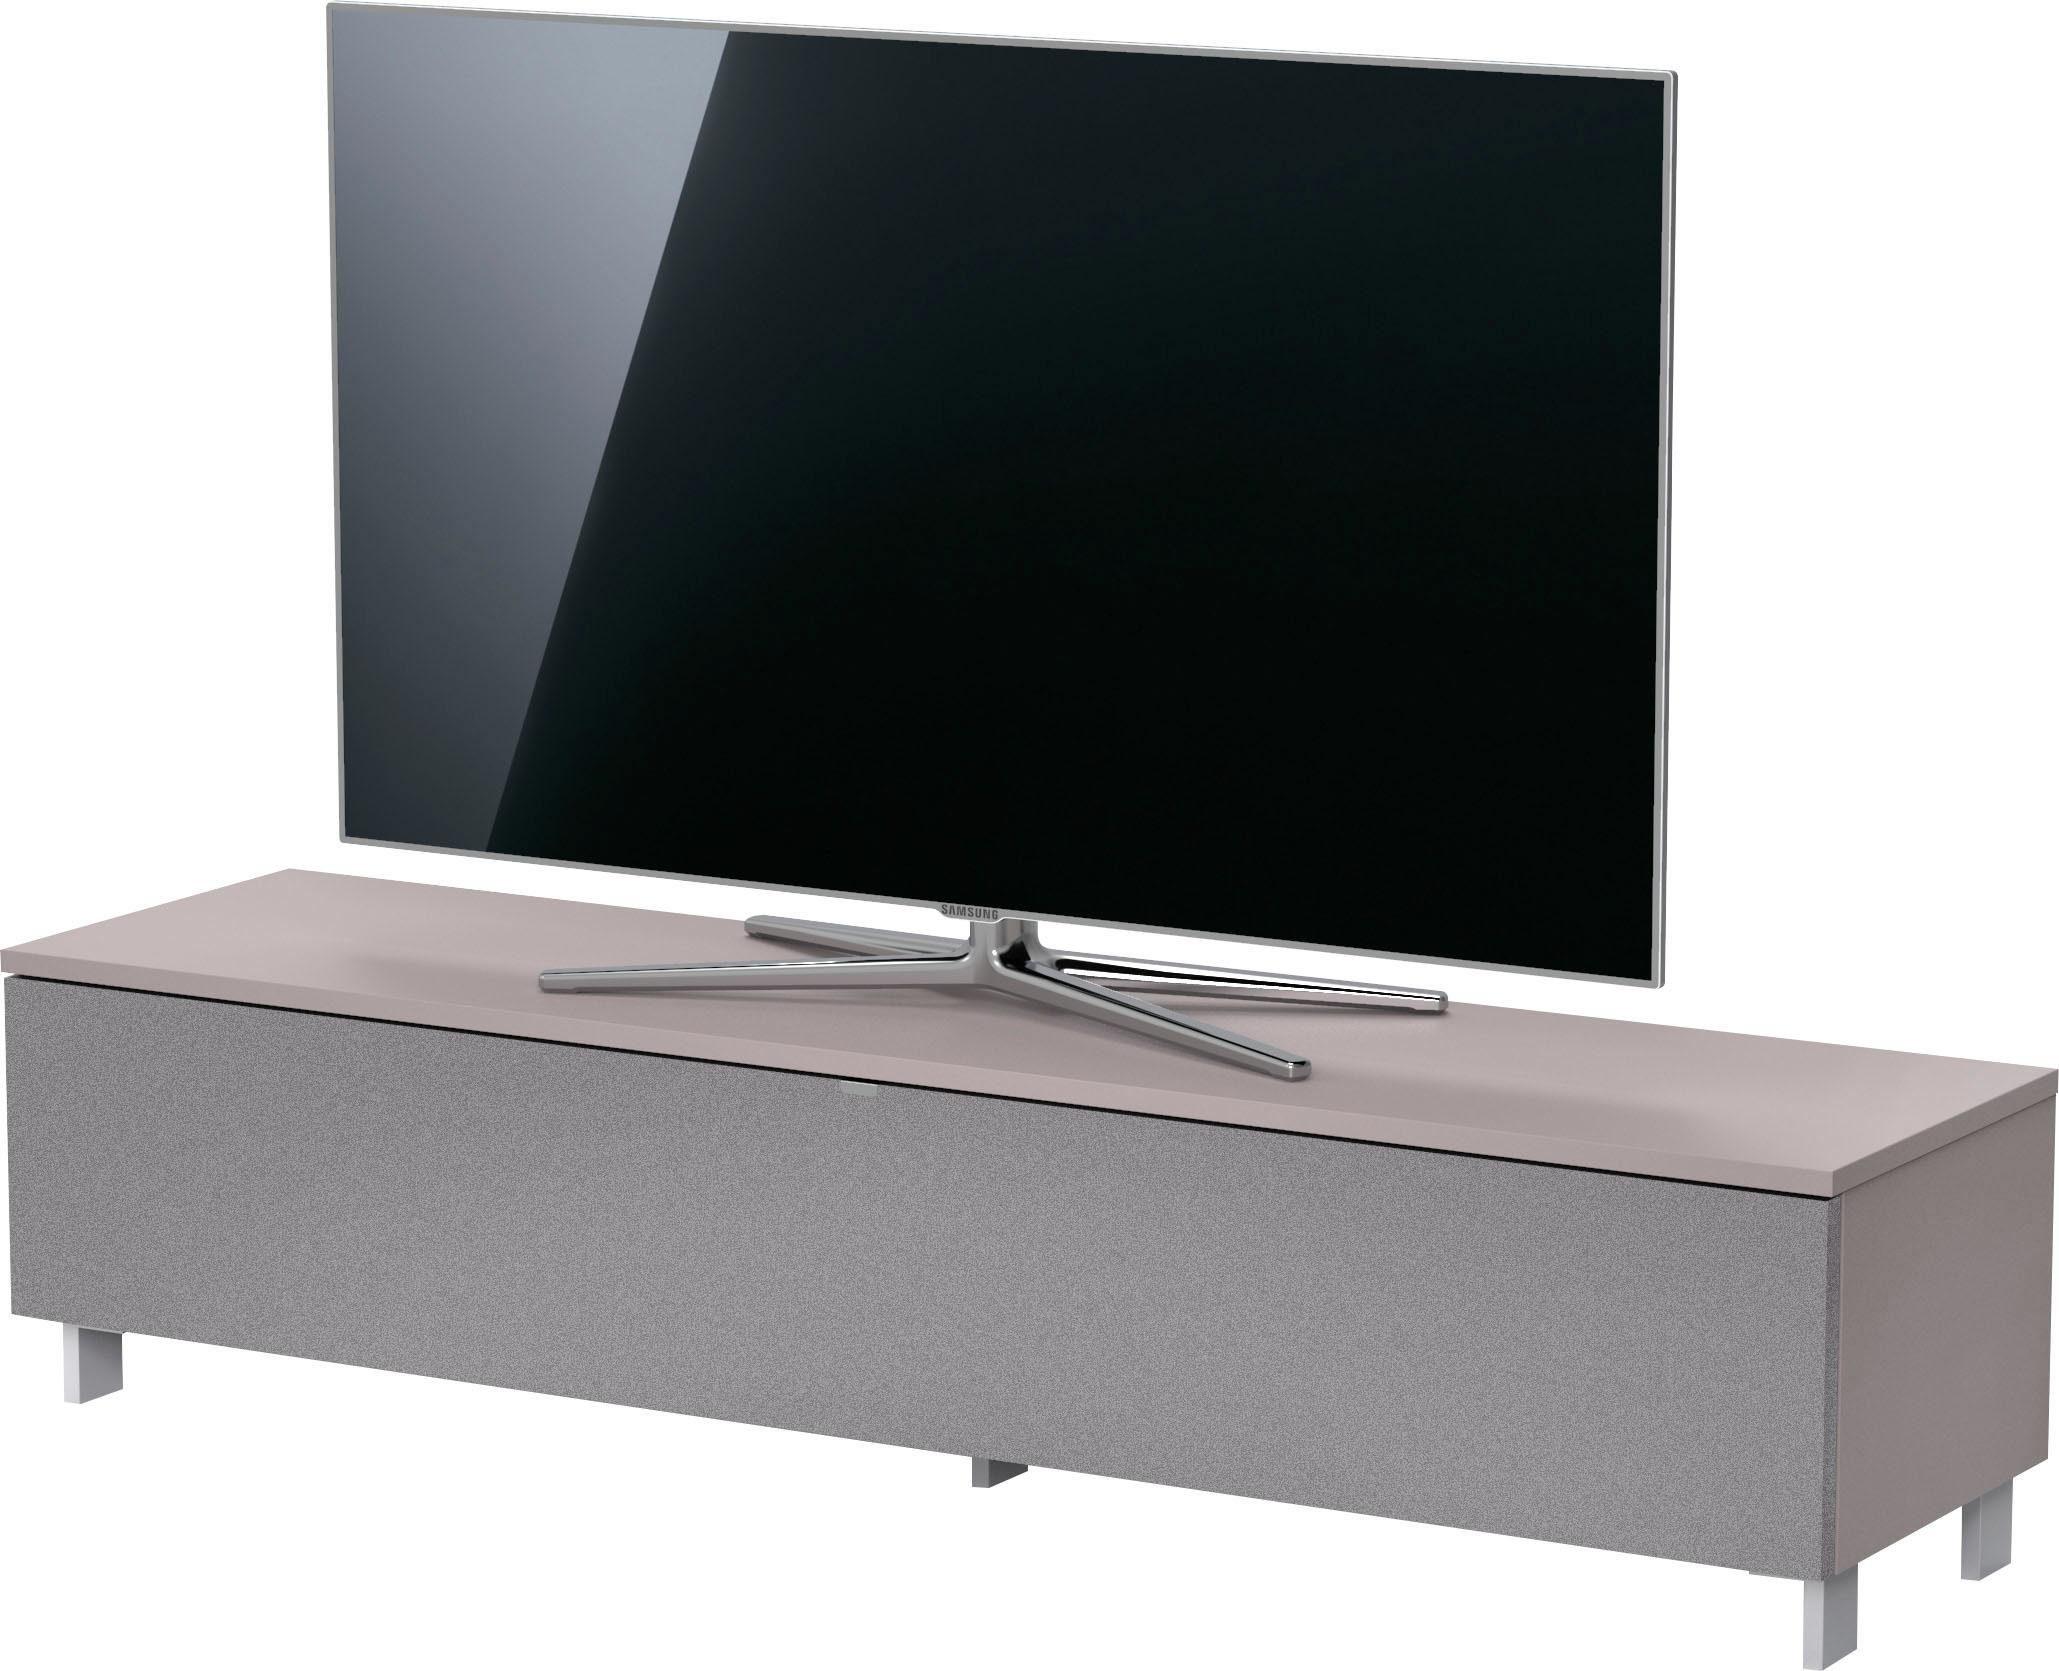 spectral lowboard just racks jrb1604 breite 160 cm wahlweise mit basis oder tv paket online kaufen otto